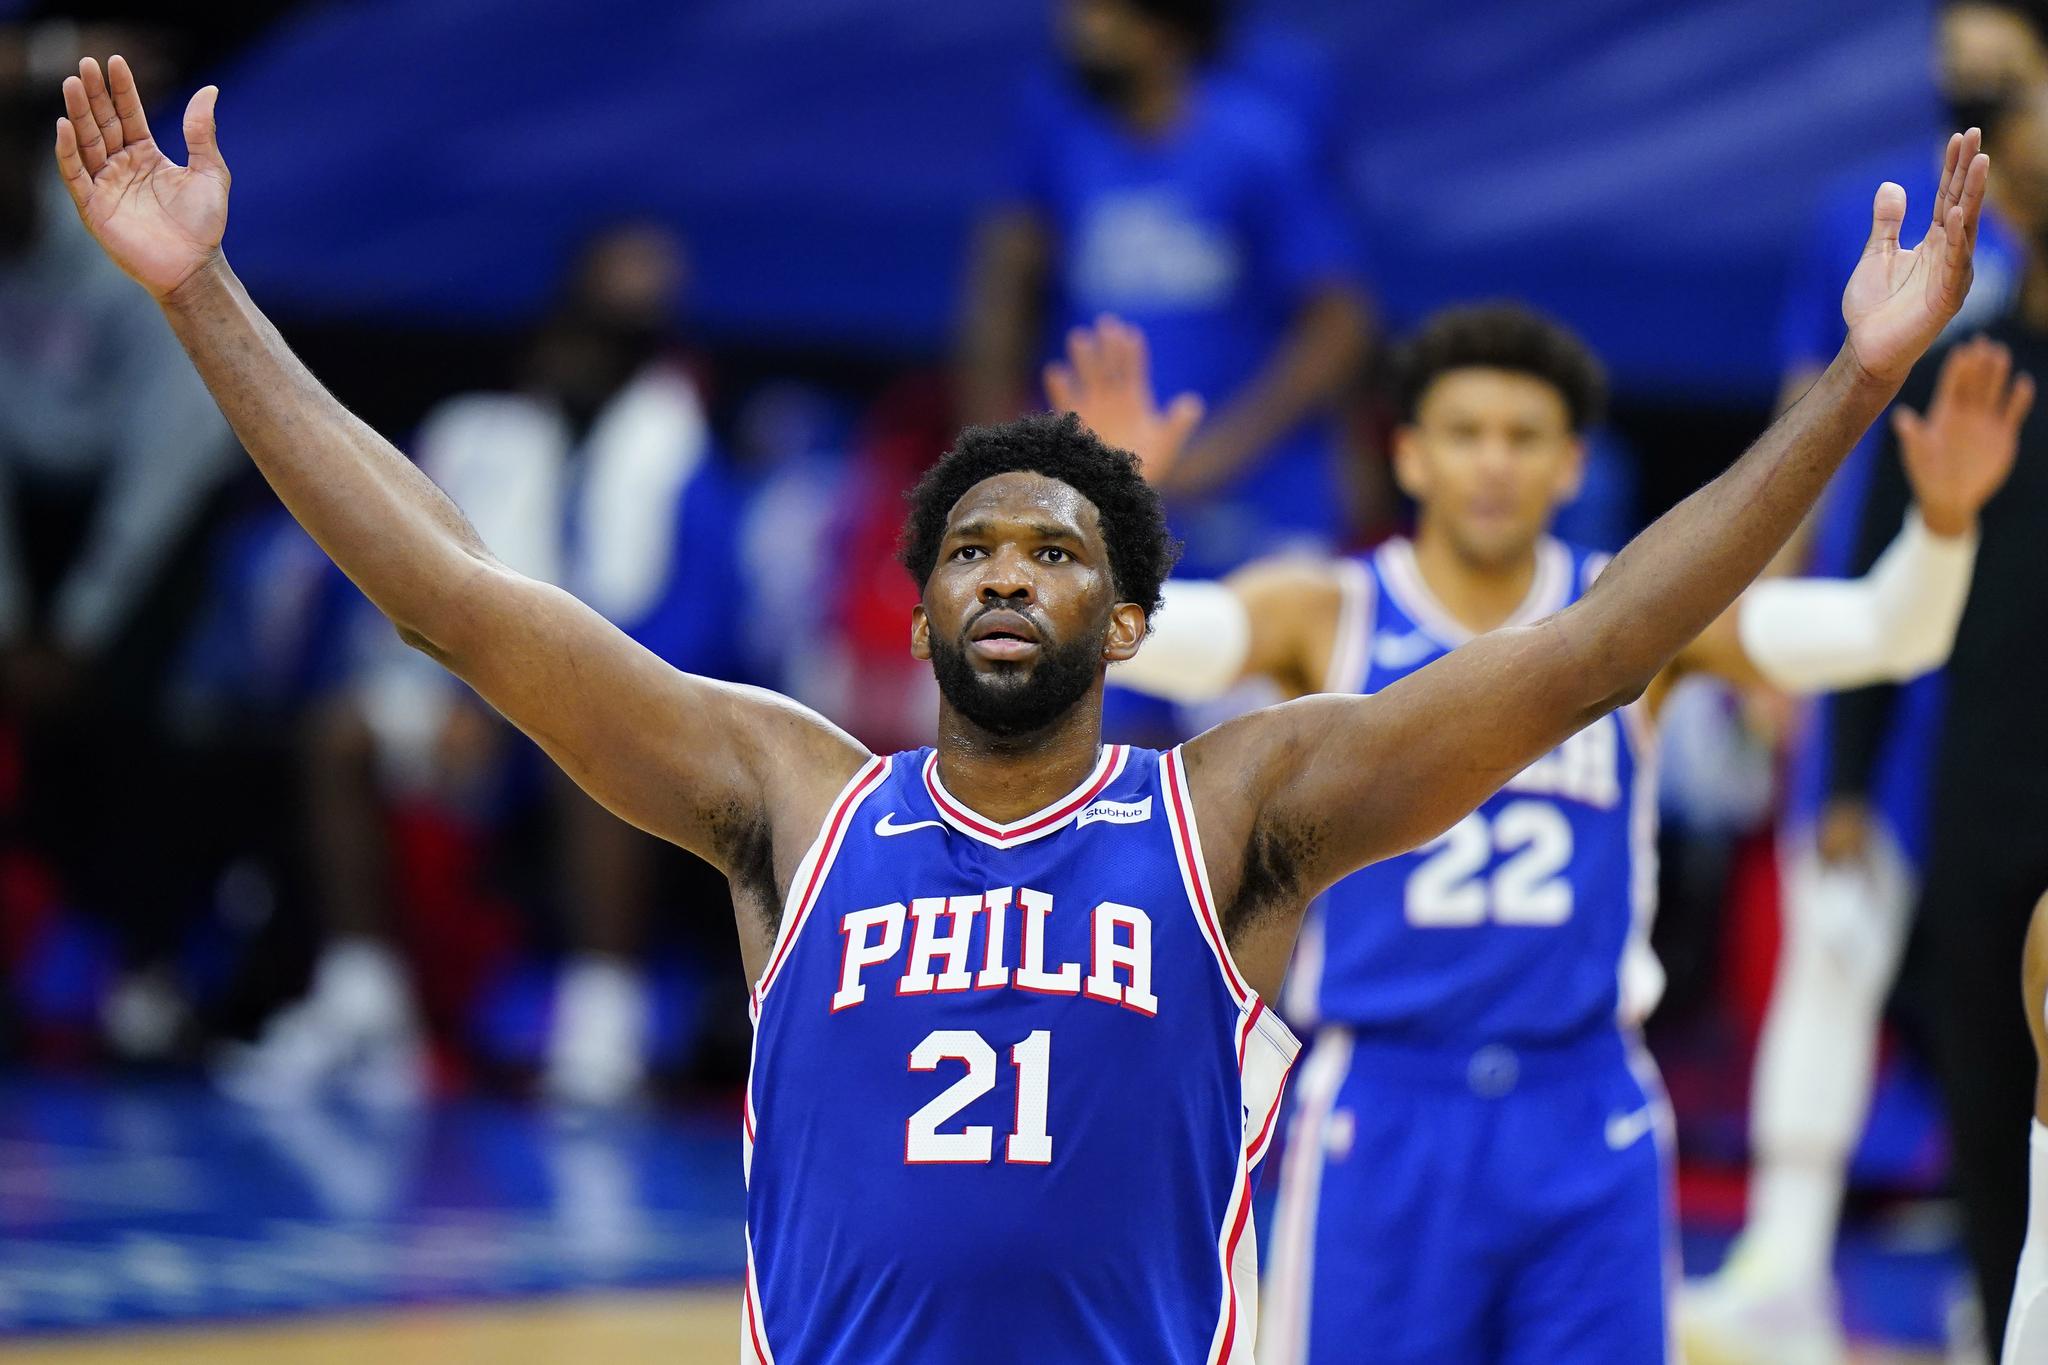 올 시즌 NBA를 평정하고 있는 필라델피아 엠비드. [AP=연합뉴스]